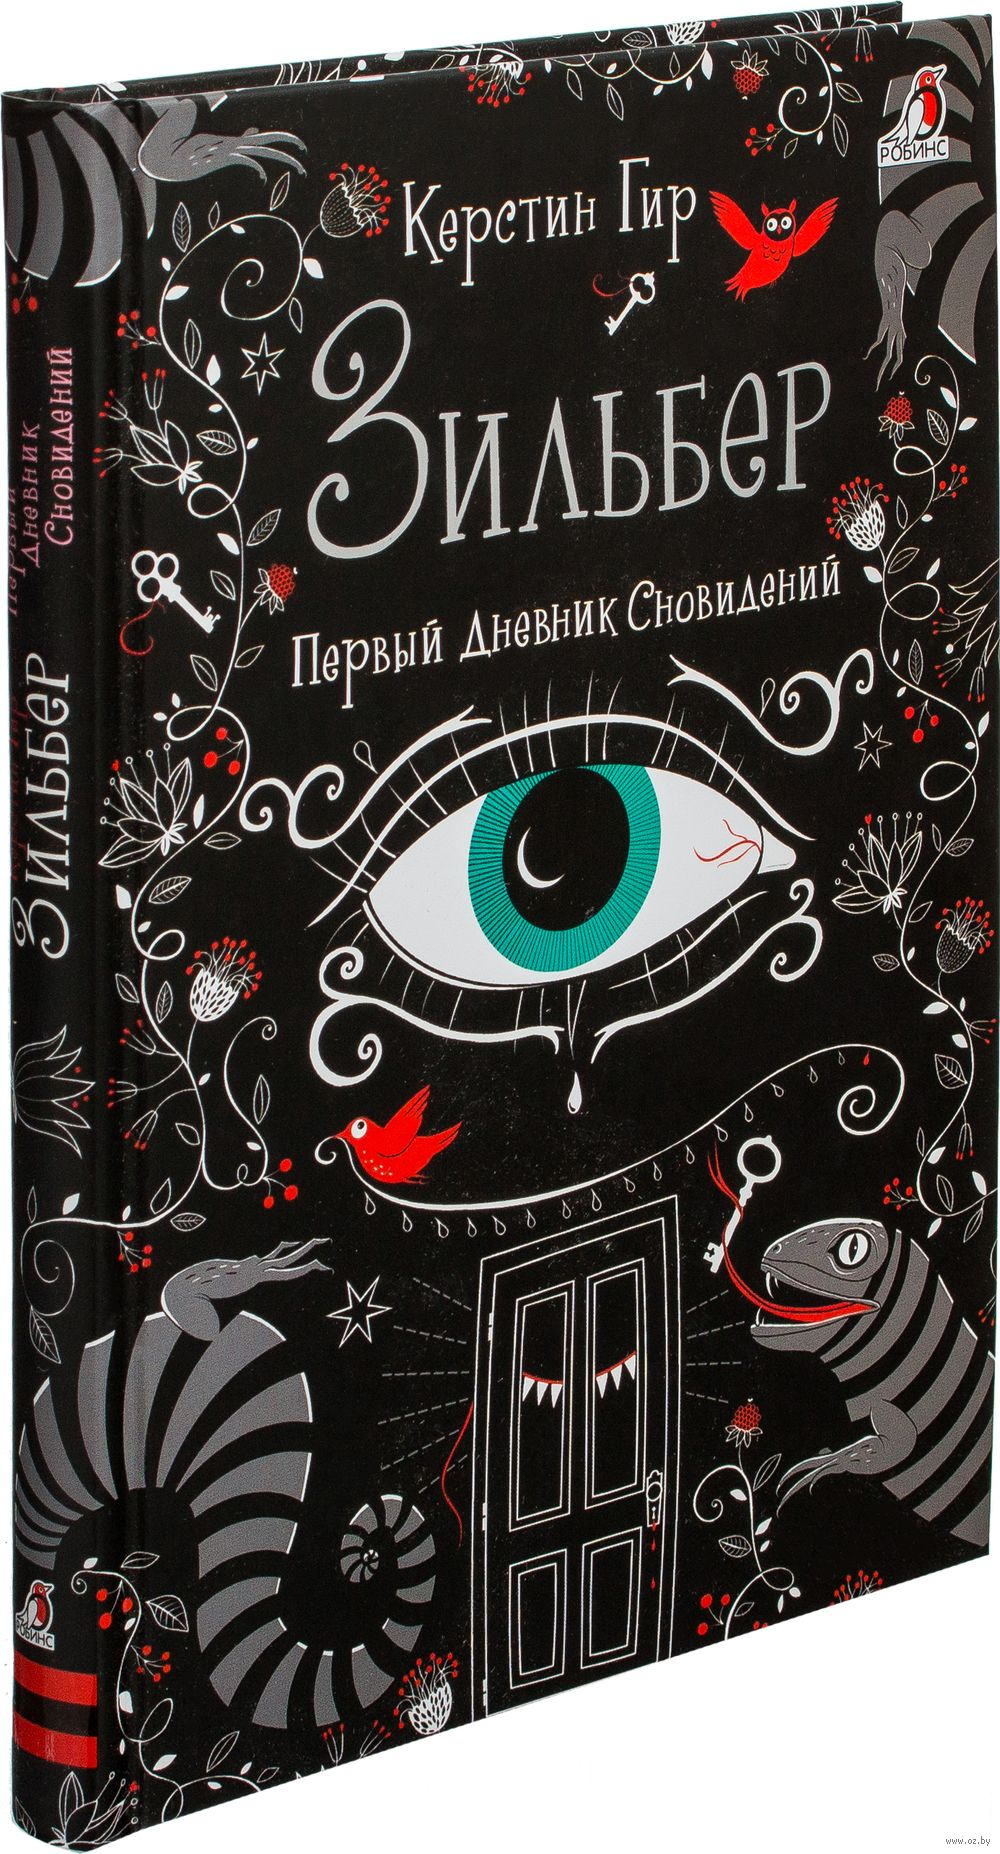 Зильбер вторая книга сновидений скачать fb2